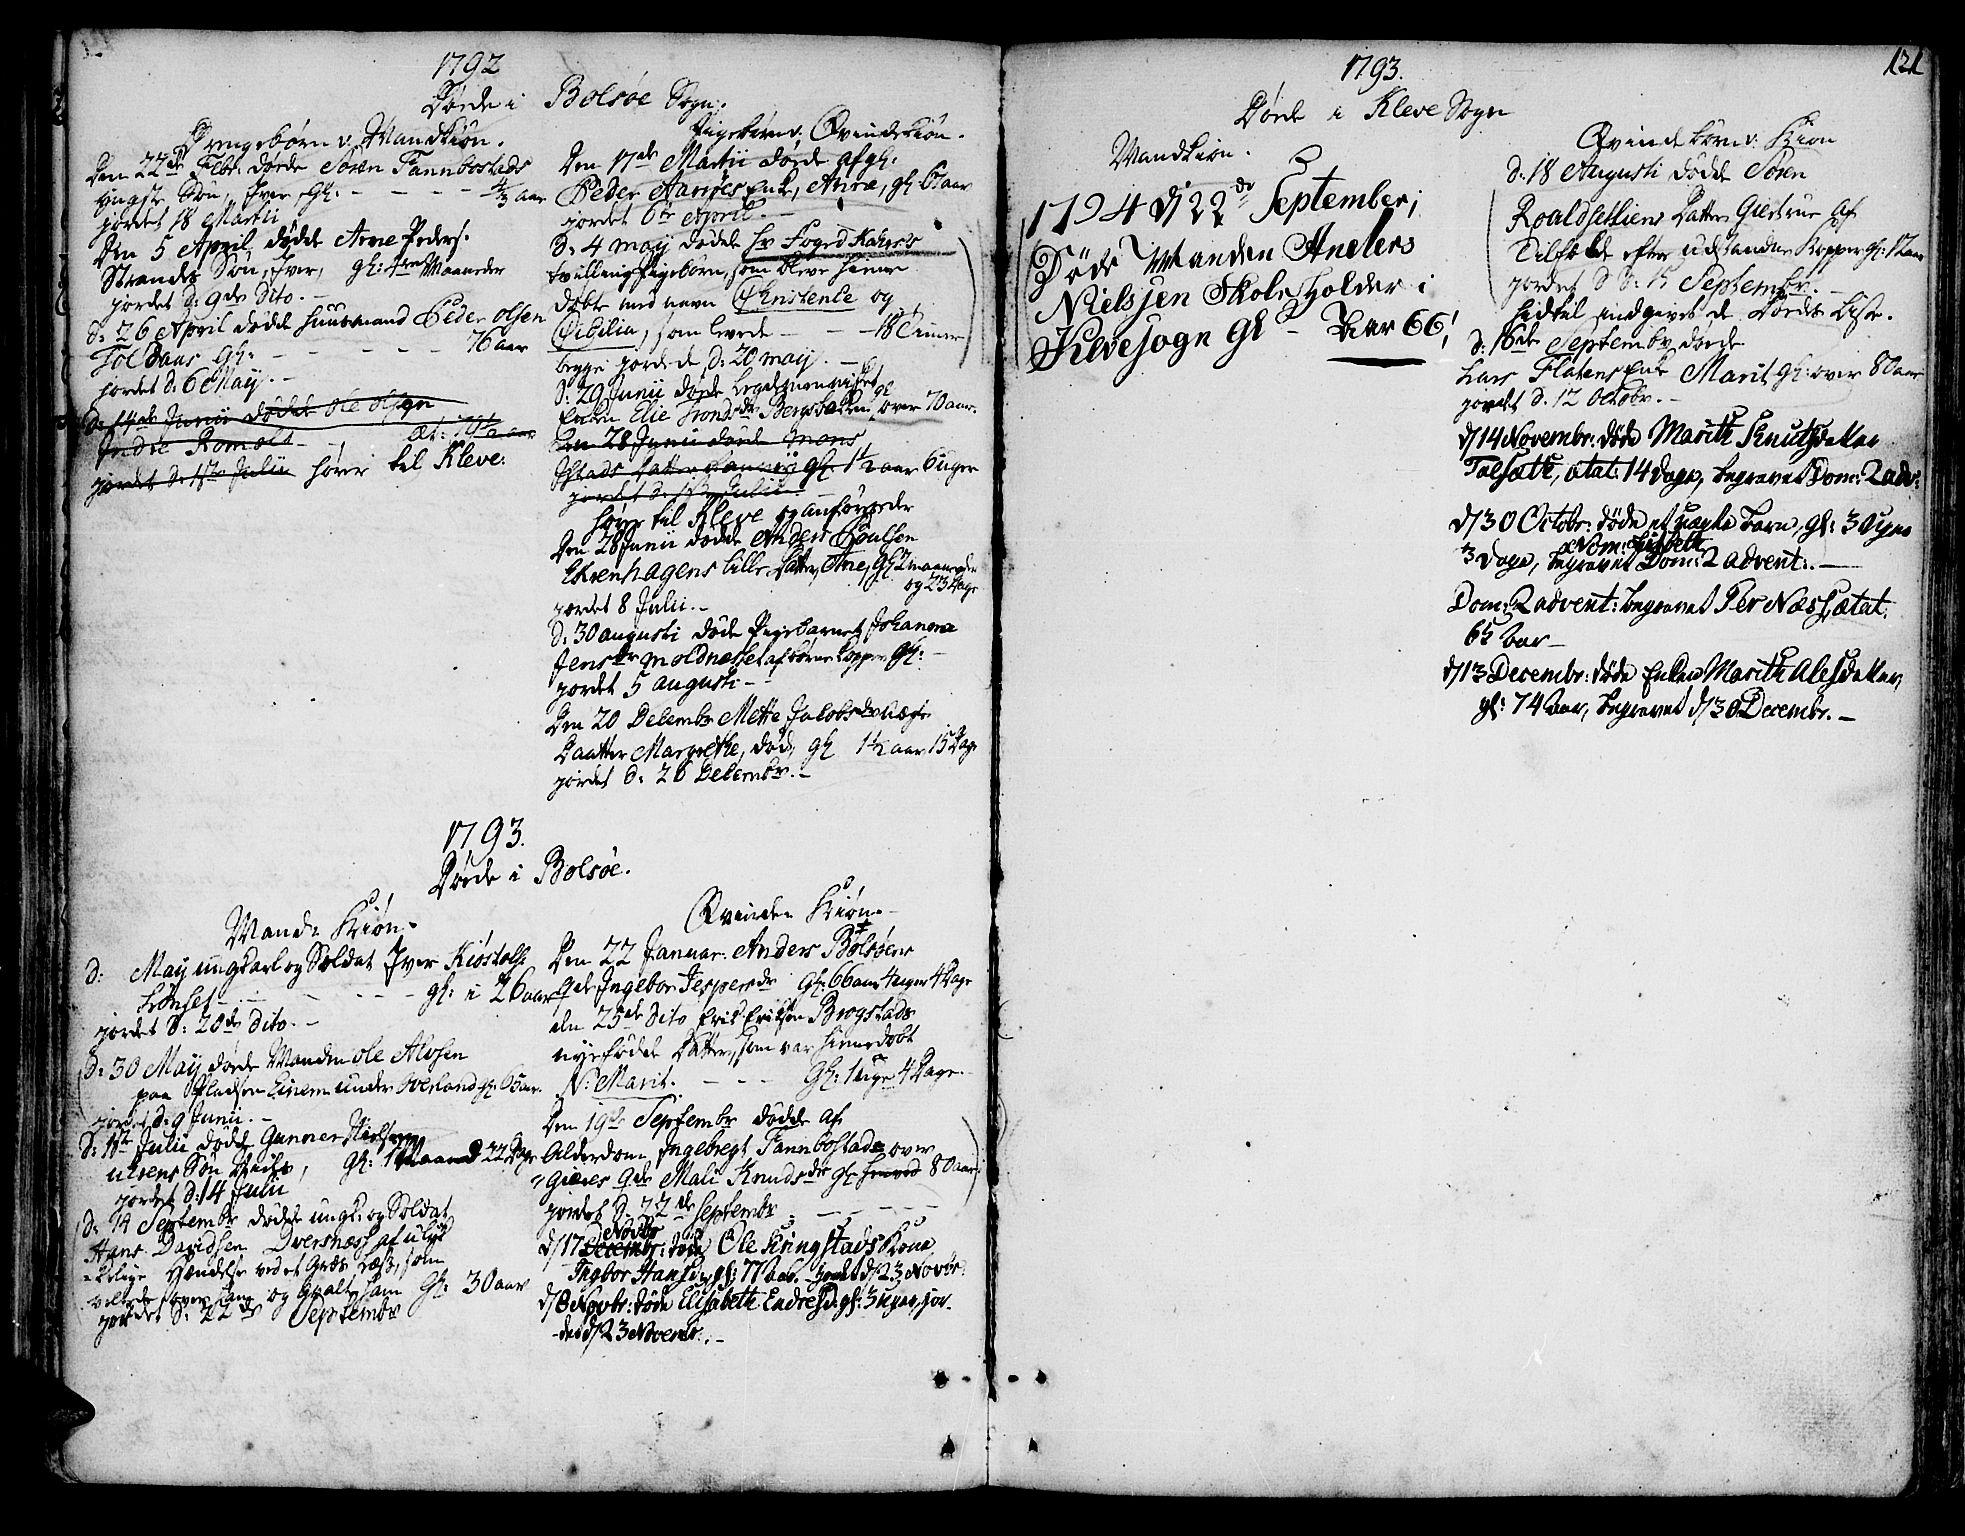 SAT, Ministerialprotokoller, klokkerbøker og fødselsregistre - Møre og Romsdal, 555/L0648: Ministerialbok nr. 555A01, 1759-1793, s. 121